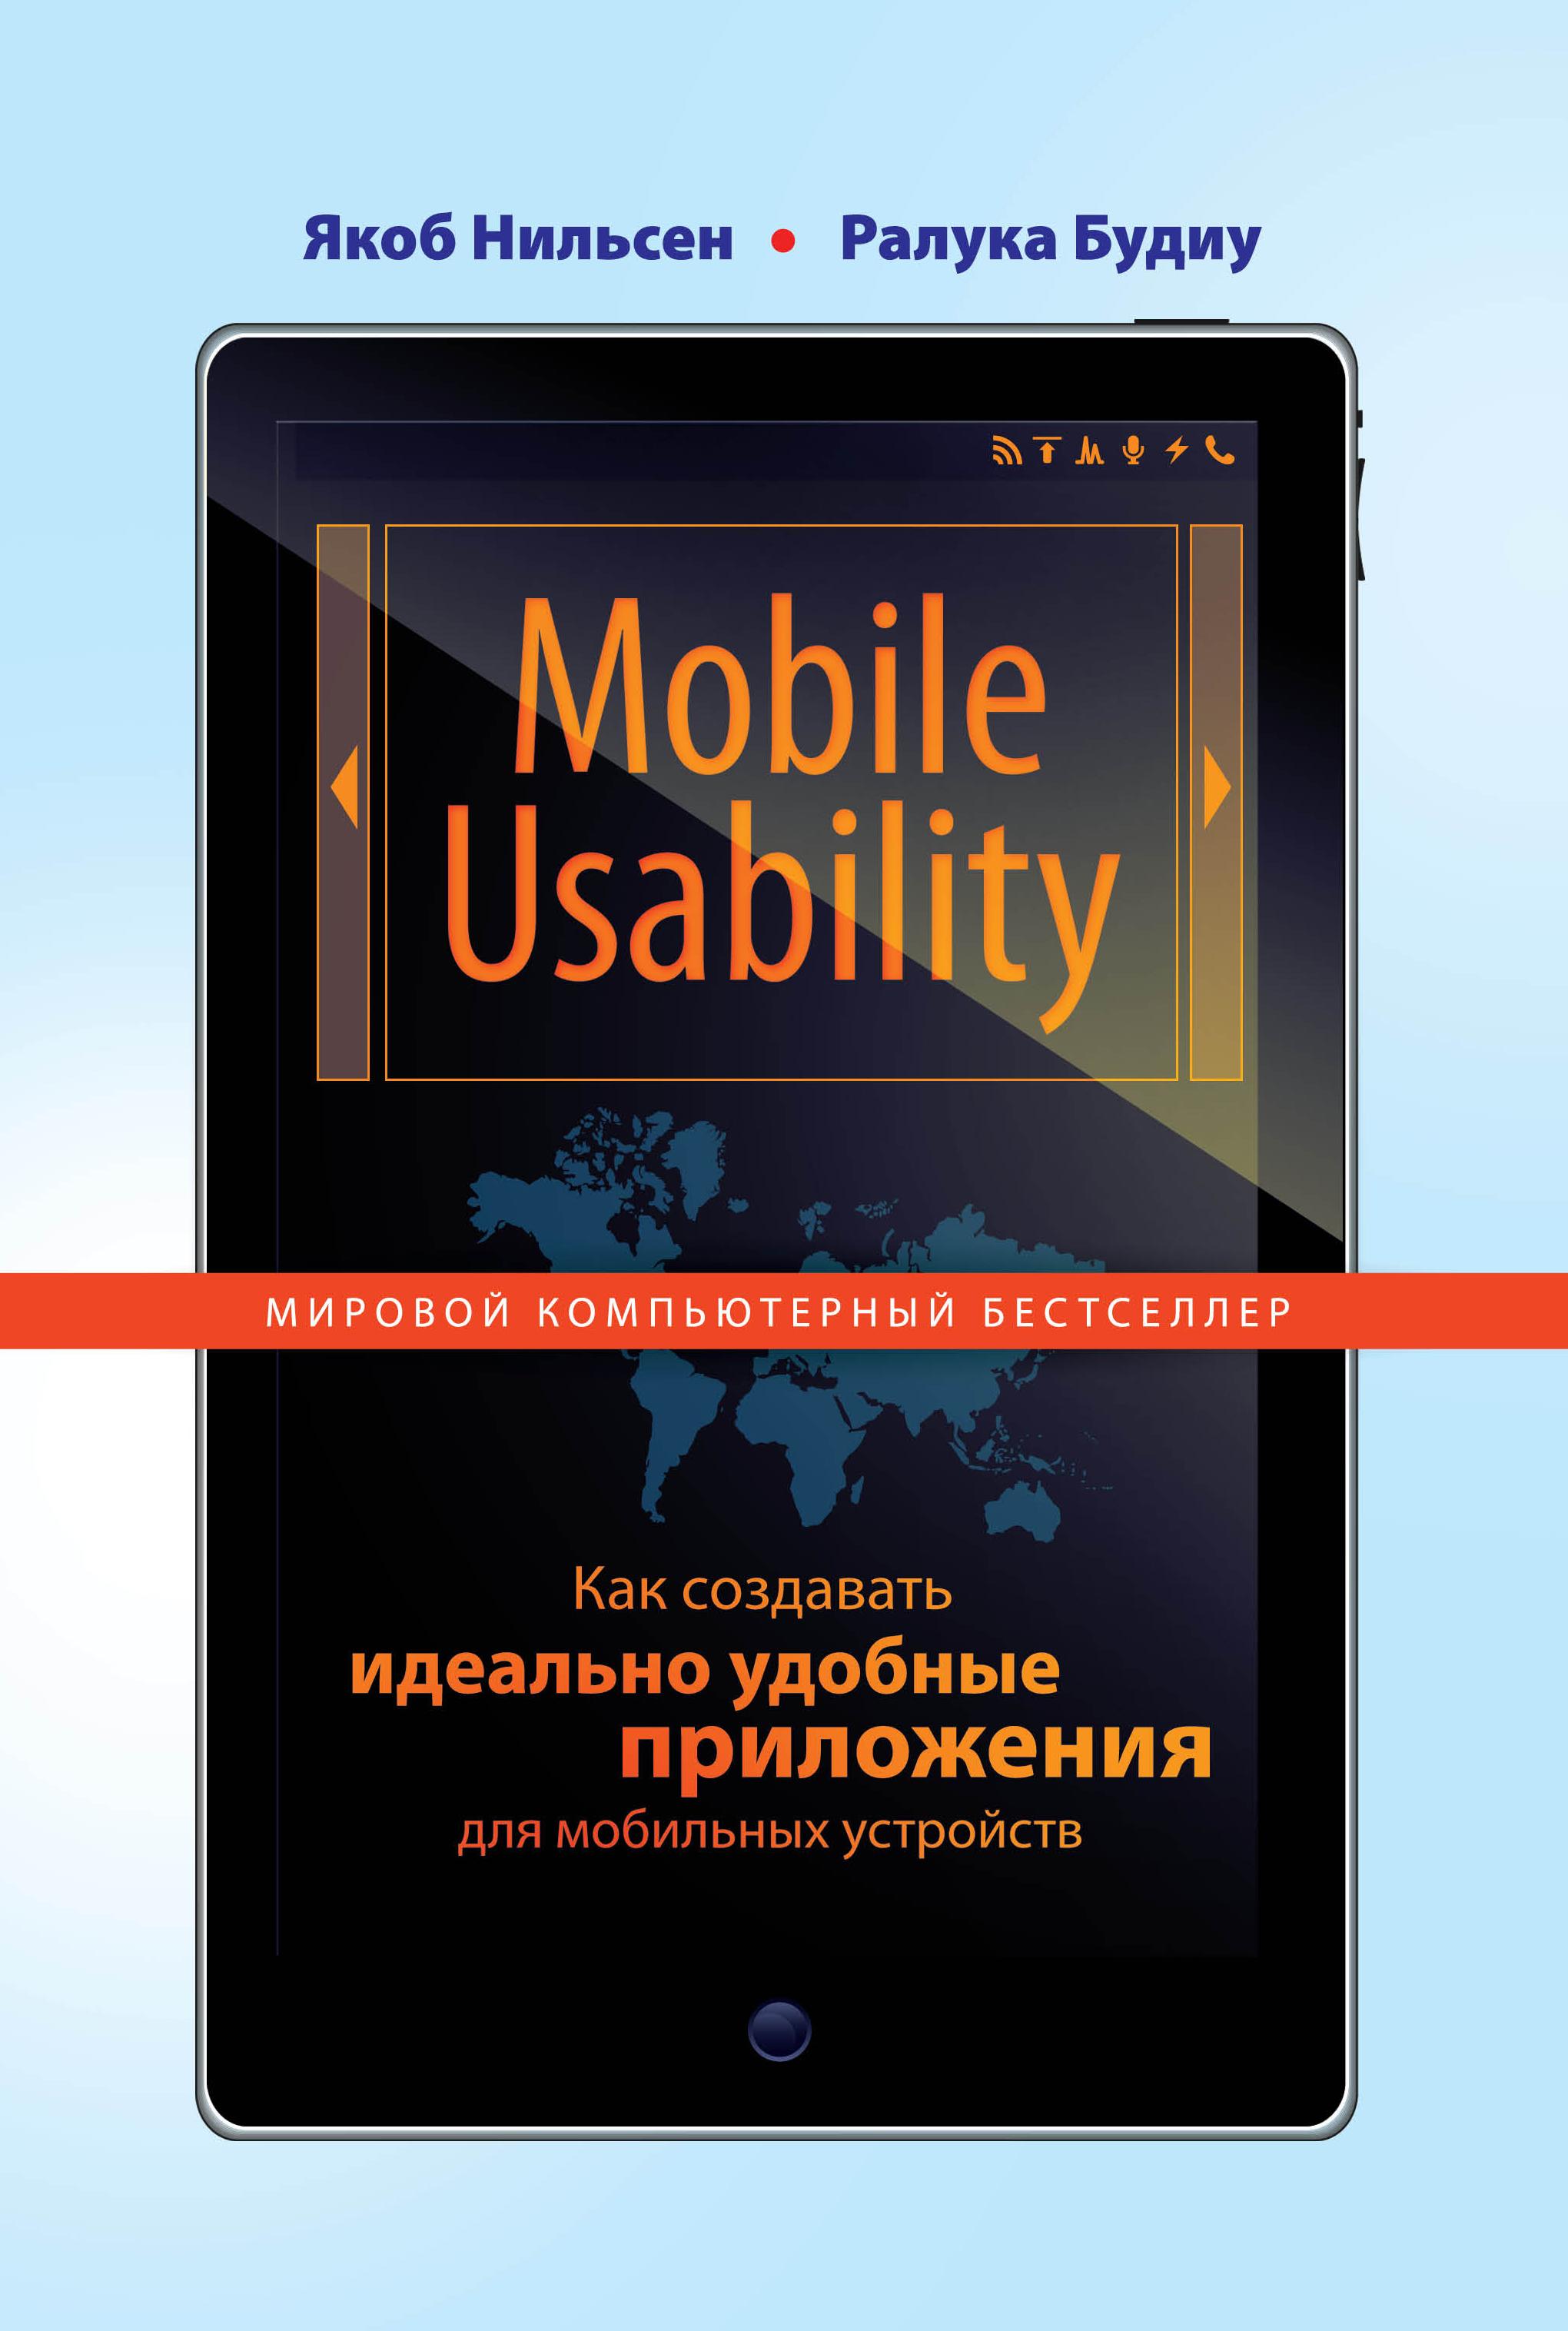 Нильсен Я., Будиу Р. Mobile Usability. Как создавать идеально удобные приложения для мобильных устройств cost justifying usability